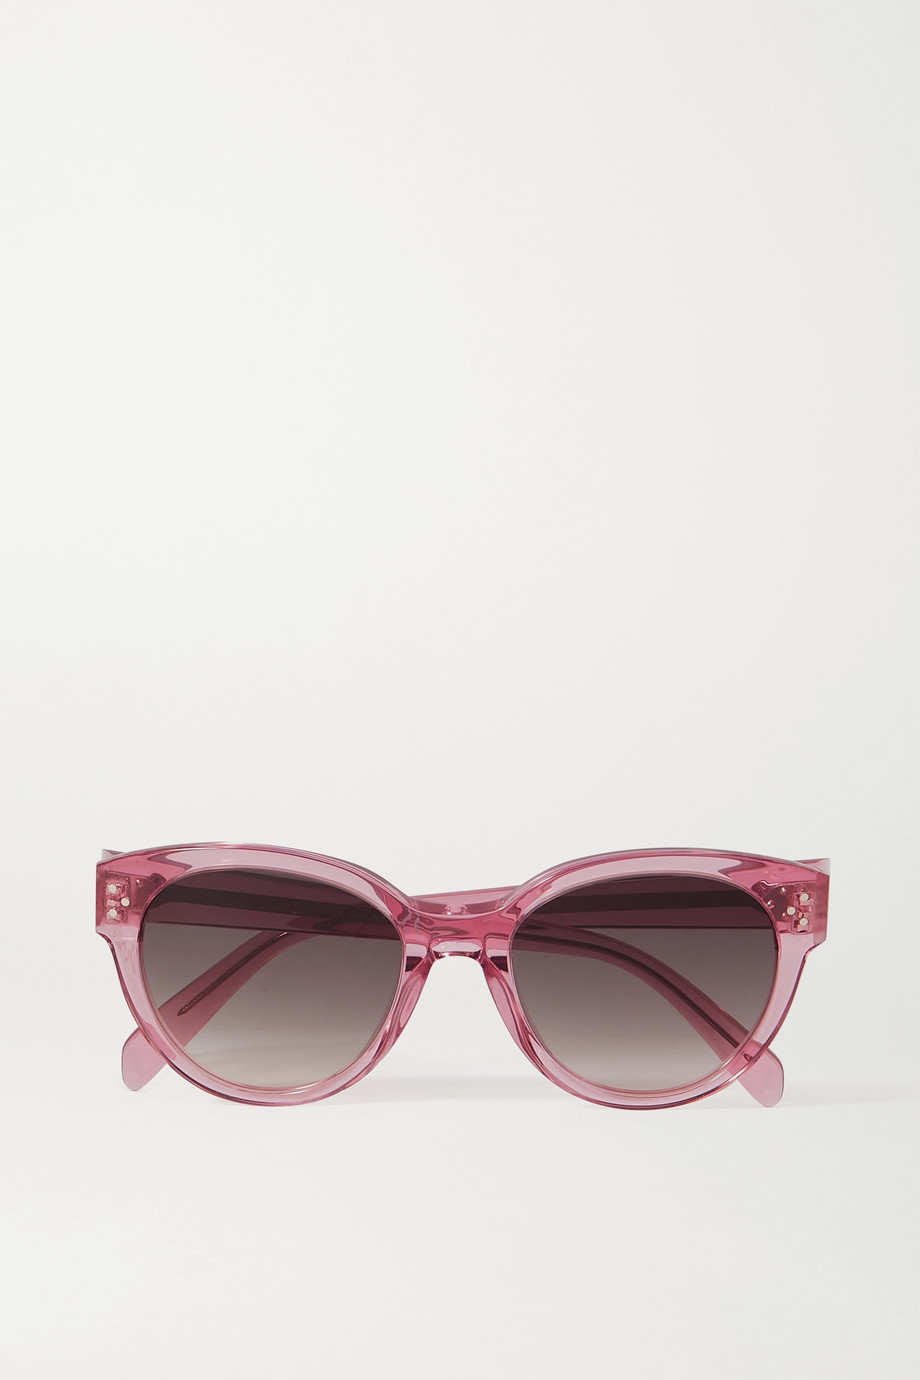 CELINE Eyewear Sonnenbrille mit rundem Rahmen aus Azetat